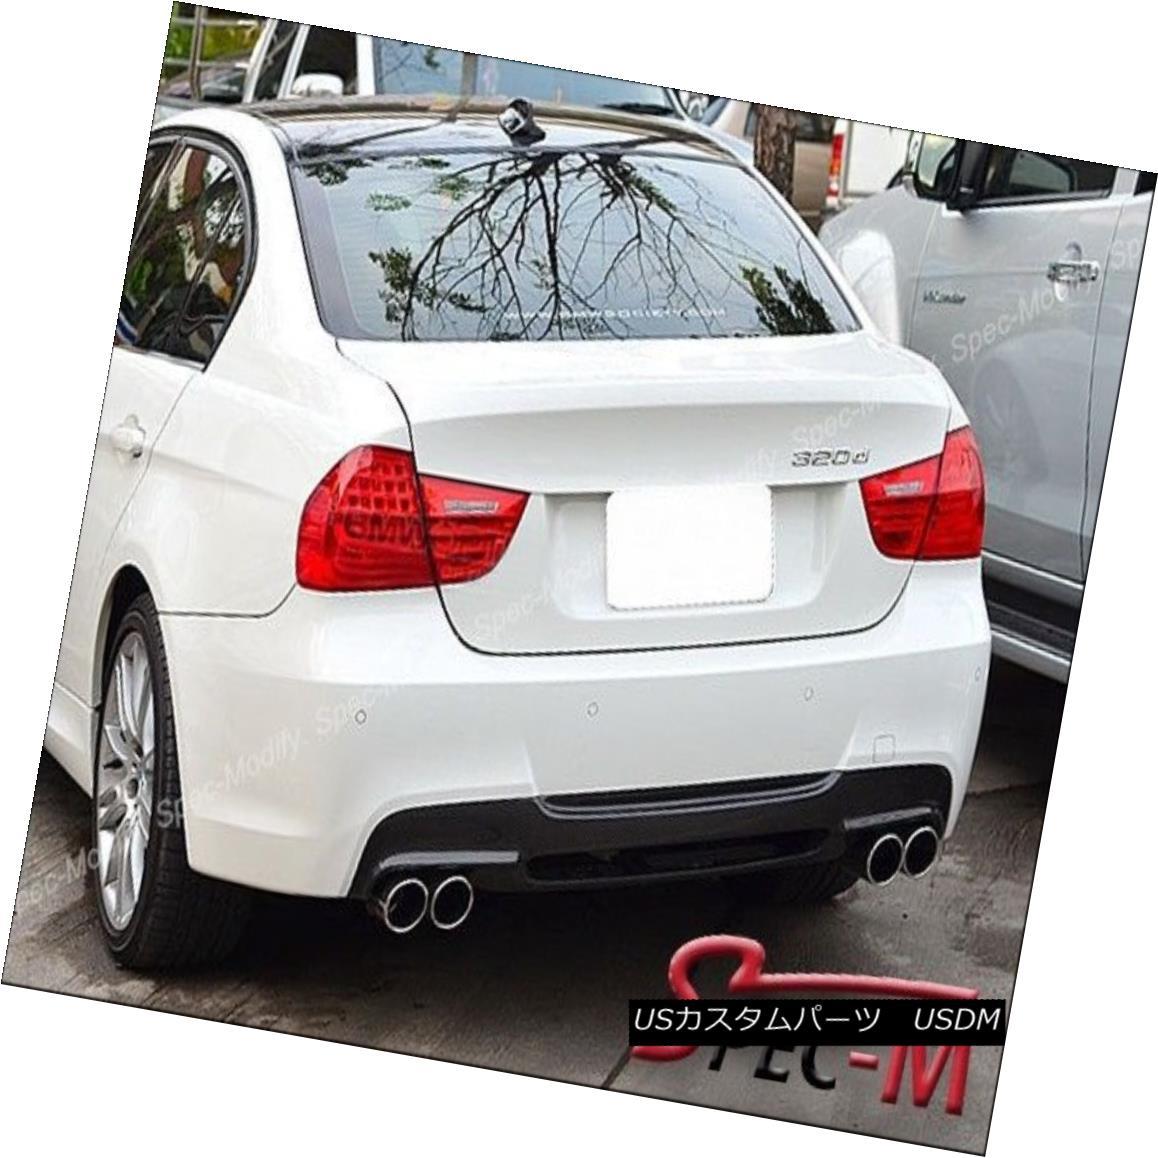 エアロパーツ 06-11 BMW E90 E91 M Tech M Sport 3D Style Carbon Fiber CF Rear Bumper Diffuser 06-11 BMW E90 E91 MテックMスポーツ3DスタイルカーボンファイバーCFリアバンパーディフューザー